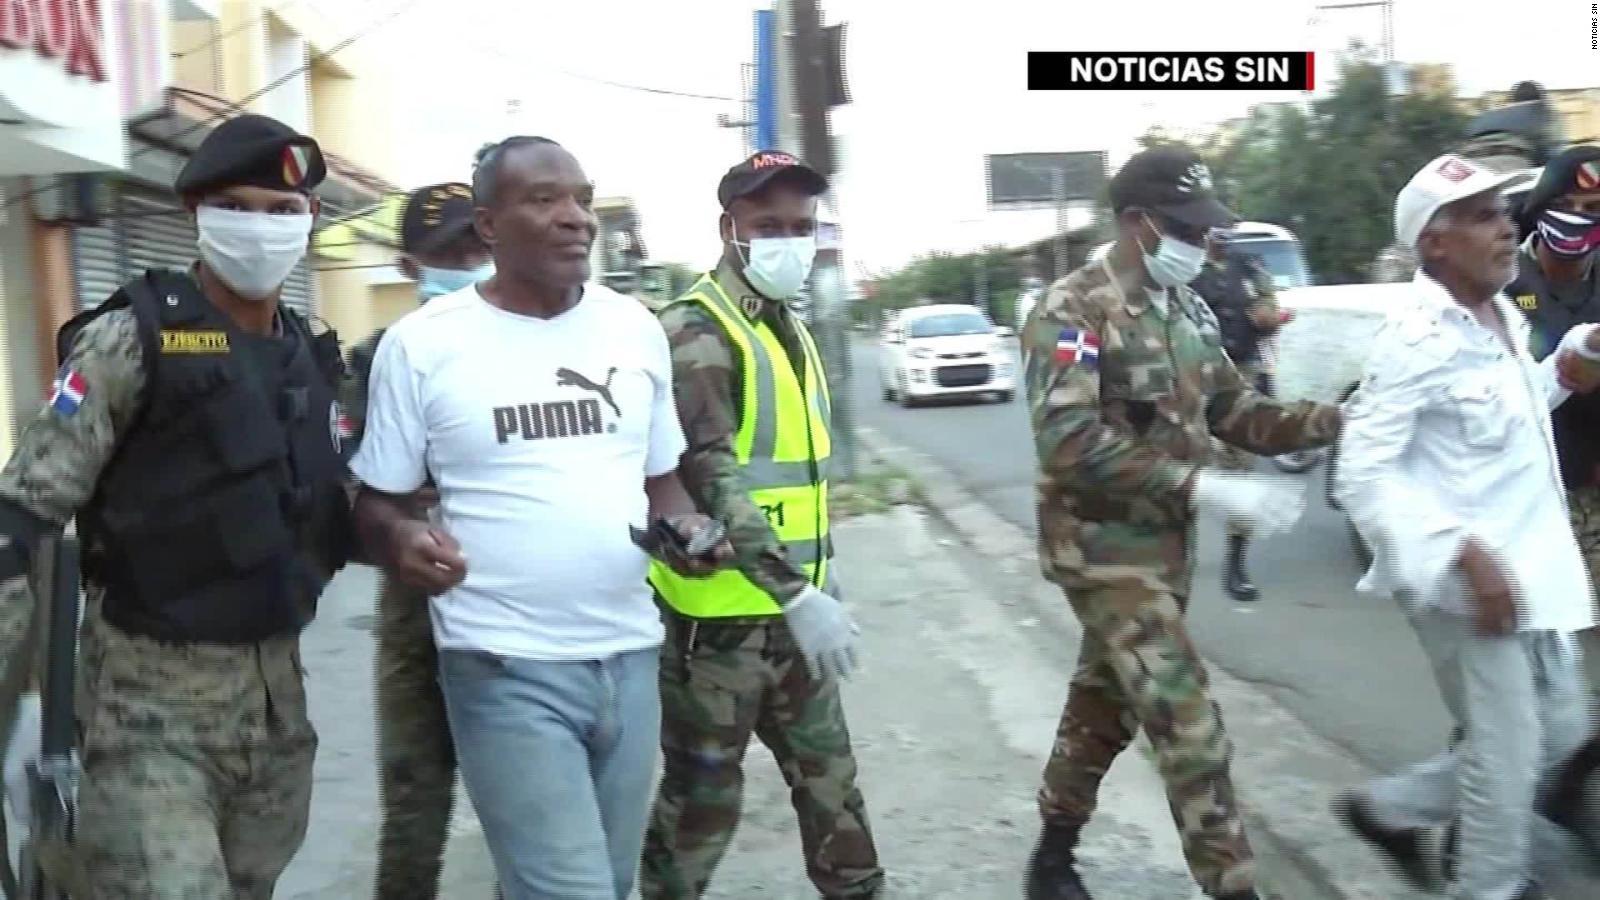 Detienen A Miles En Republica Dominicana Por Violar Toque De Queda Y Mueren Reos En Prision Por Covid 19 Cnn Video